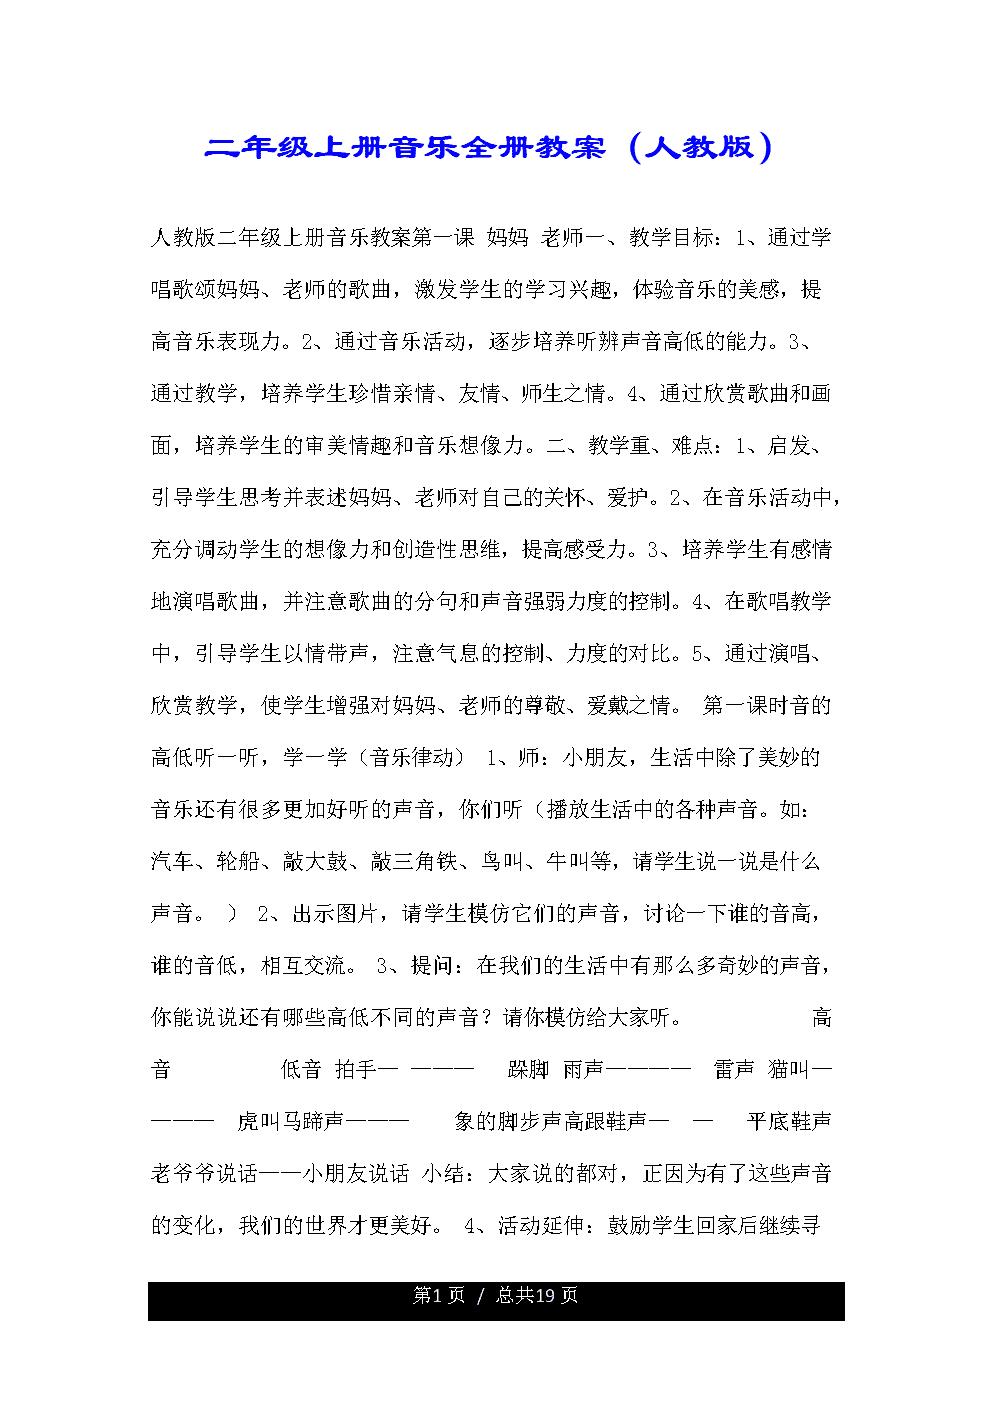 二年级上册音乐全册教案(人教版).doc